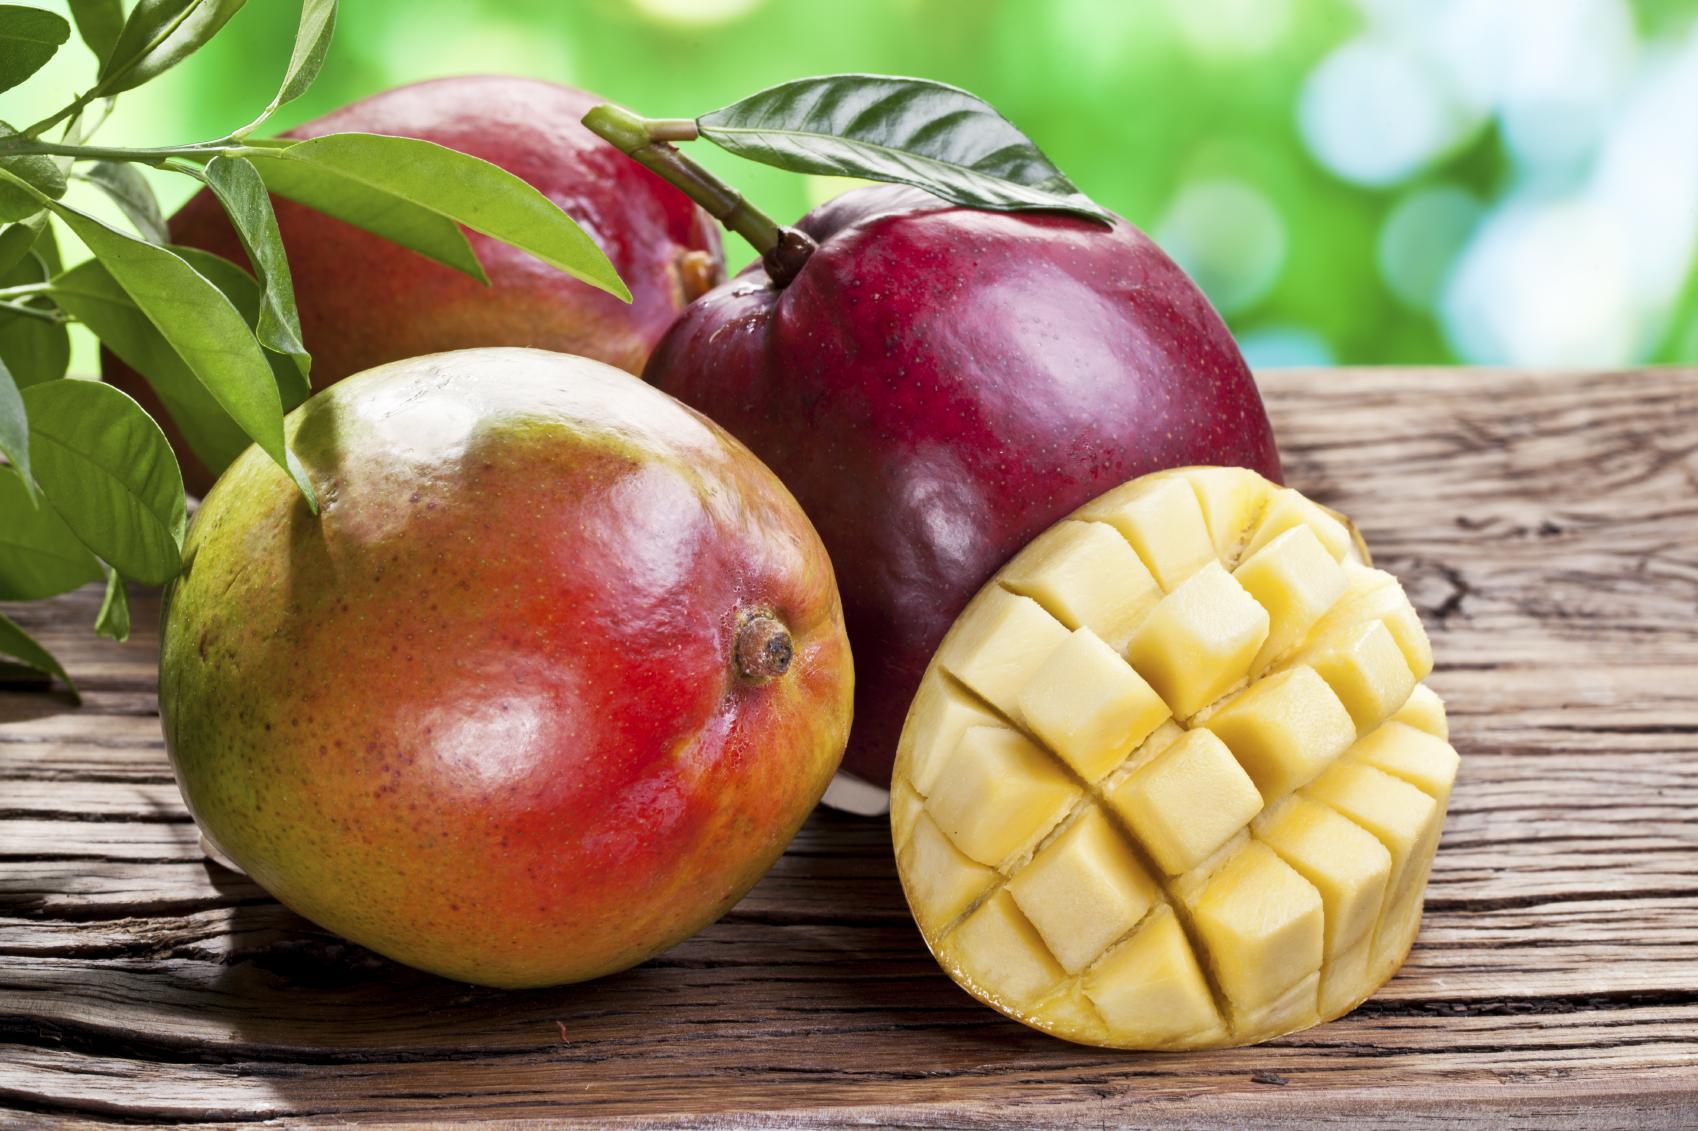 Esta fruta tropical contiene un conjunto de beneficios que la convierten en un enemigo directo en el desarrollo de diferentes patologías